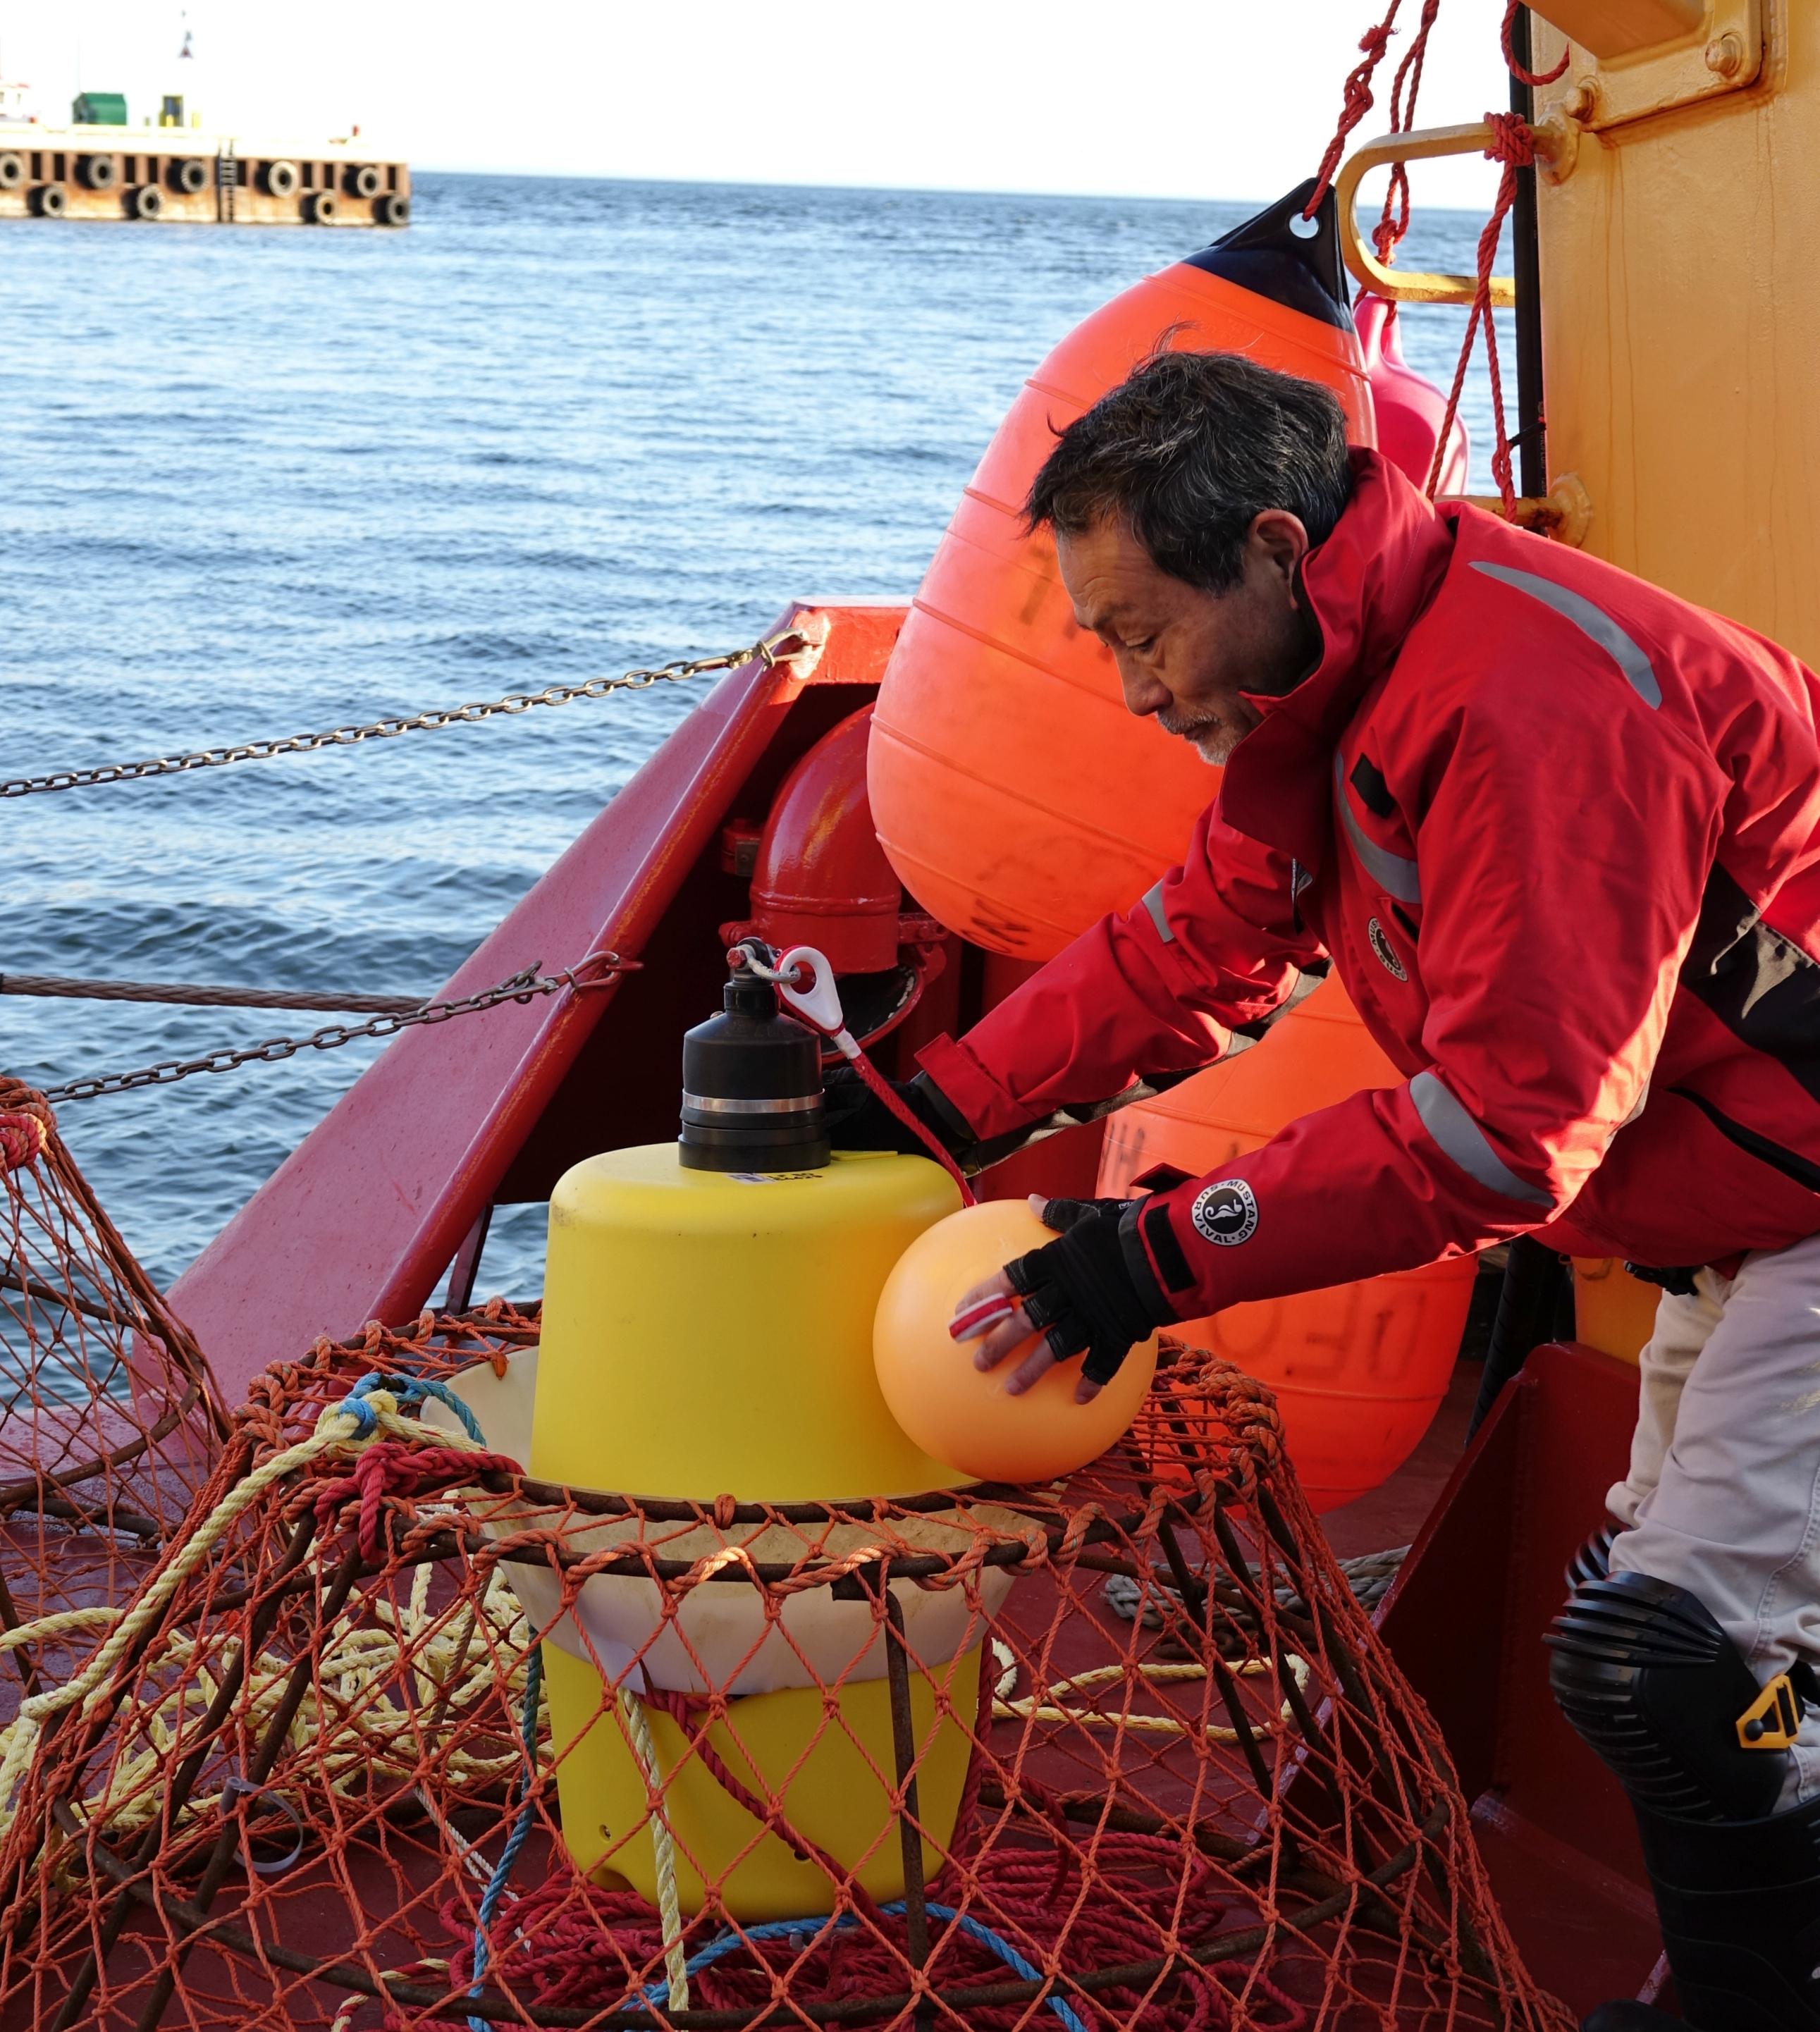 DFO snow crab specialist Mikio Moriyasu has studied snow crab since 1985. (Submitted by Mikio Moriyasu)